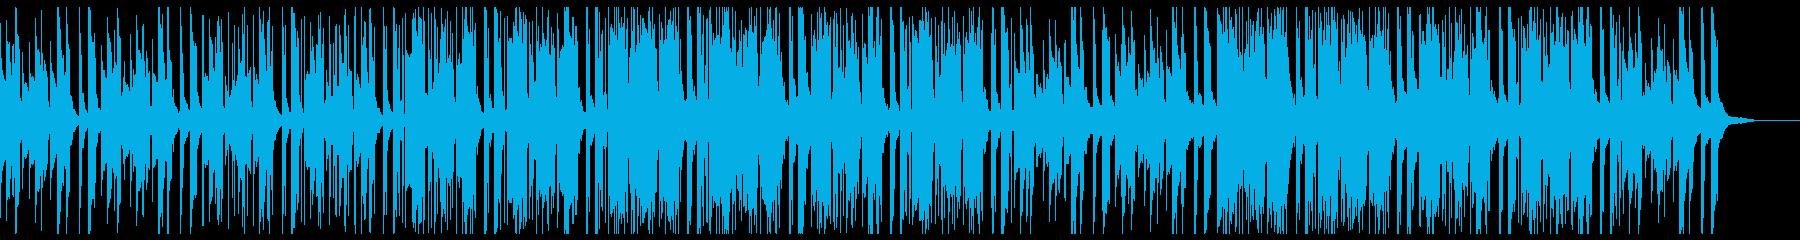 ギターフレーズが切ないチルトラック♪の再生済みの波形